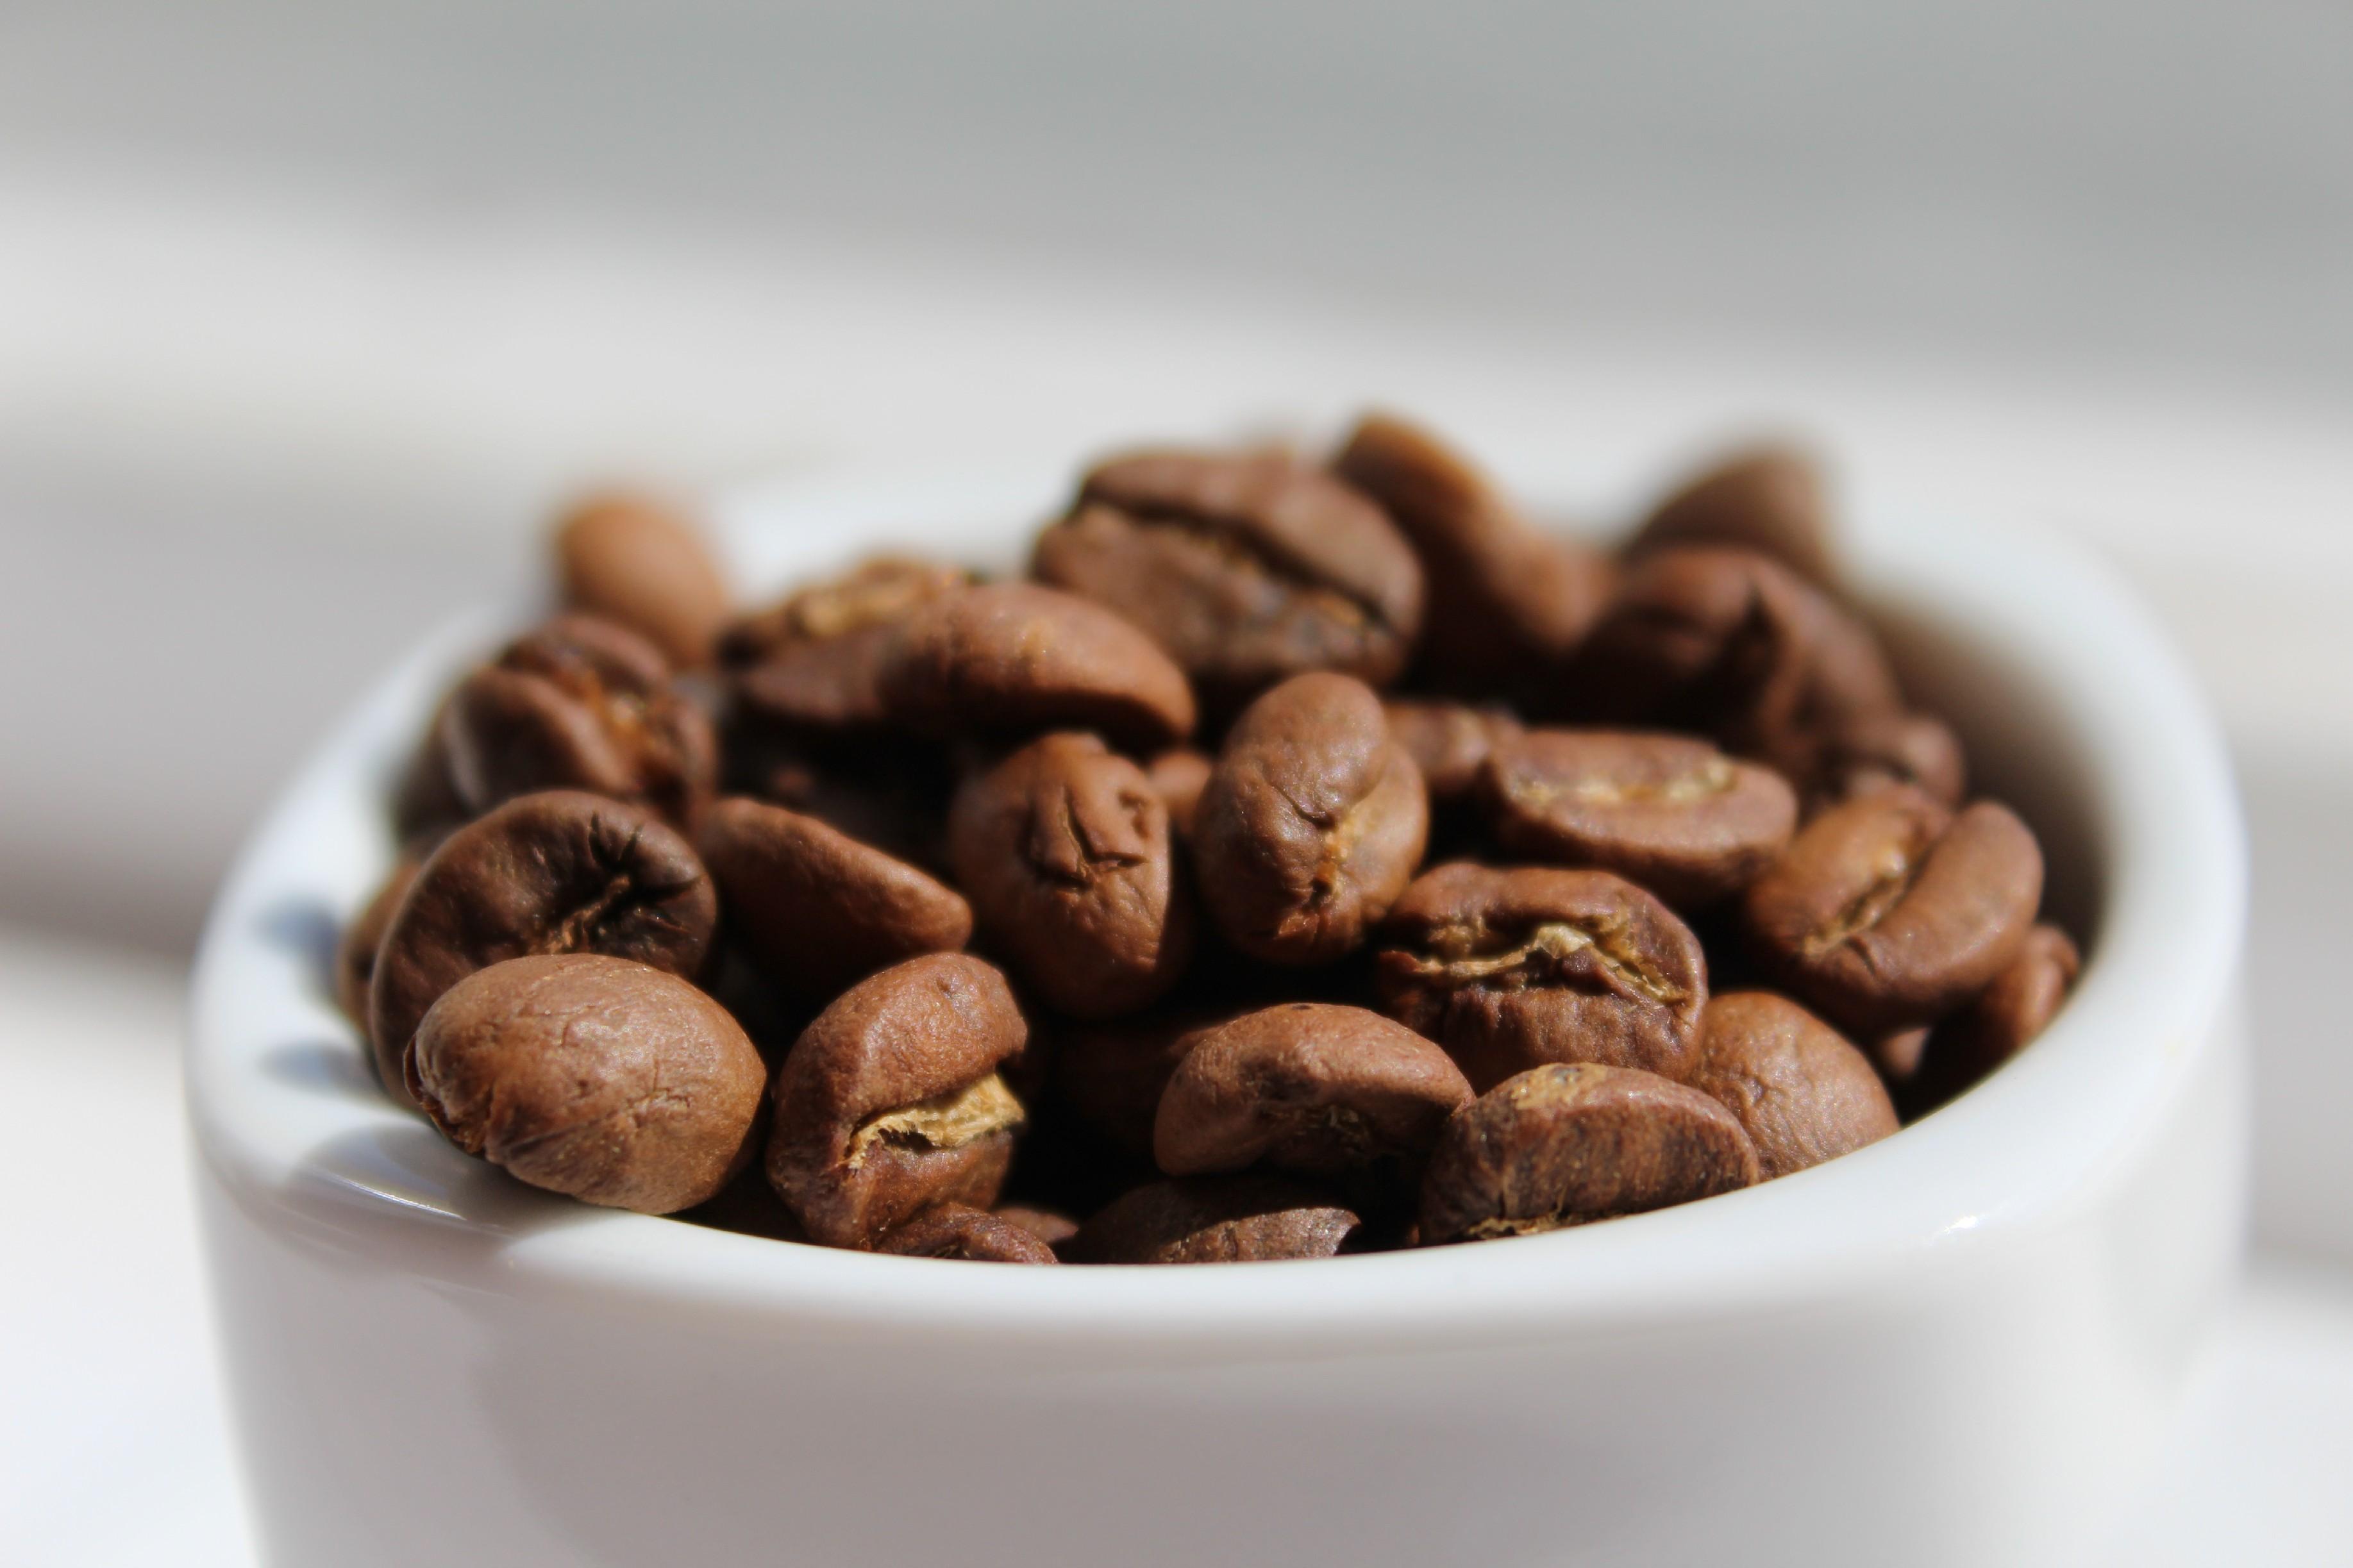 BotaCoffee El Salvador SHG EP Organic RFA Finca Las Nubes Cuzcachapa (250g) Mletí kávy: Zalévaná káva (český turek)